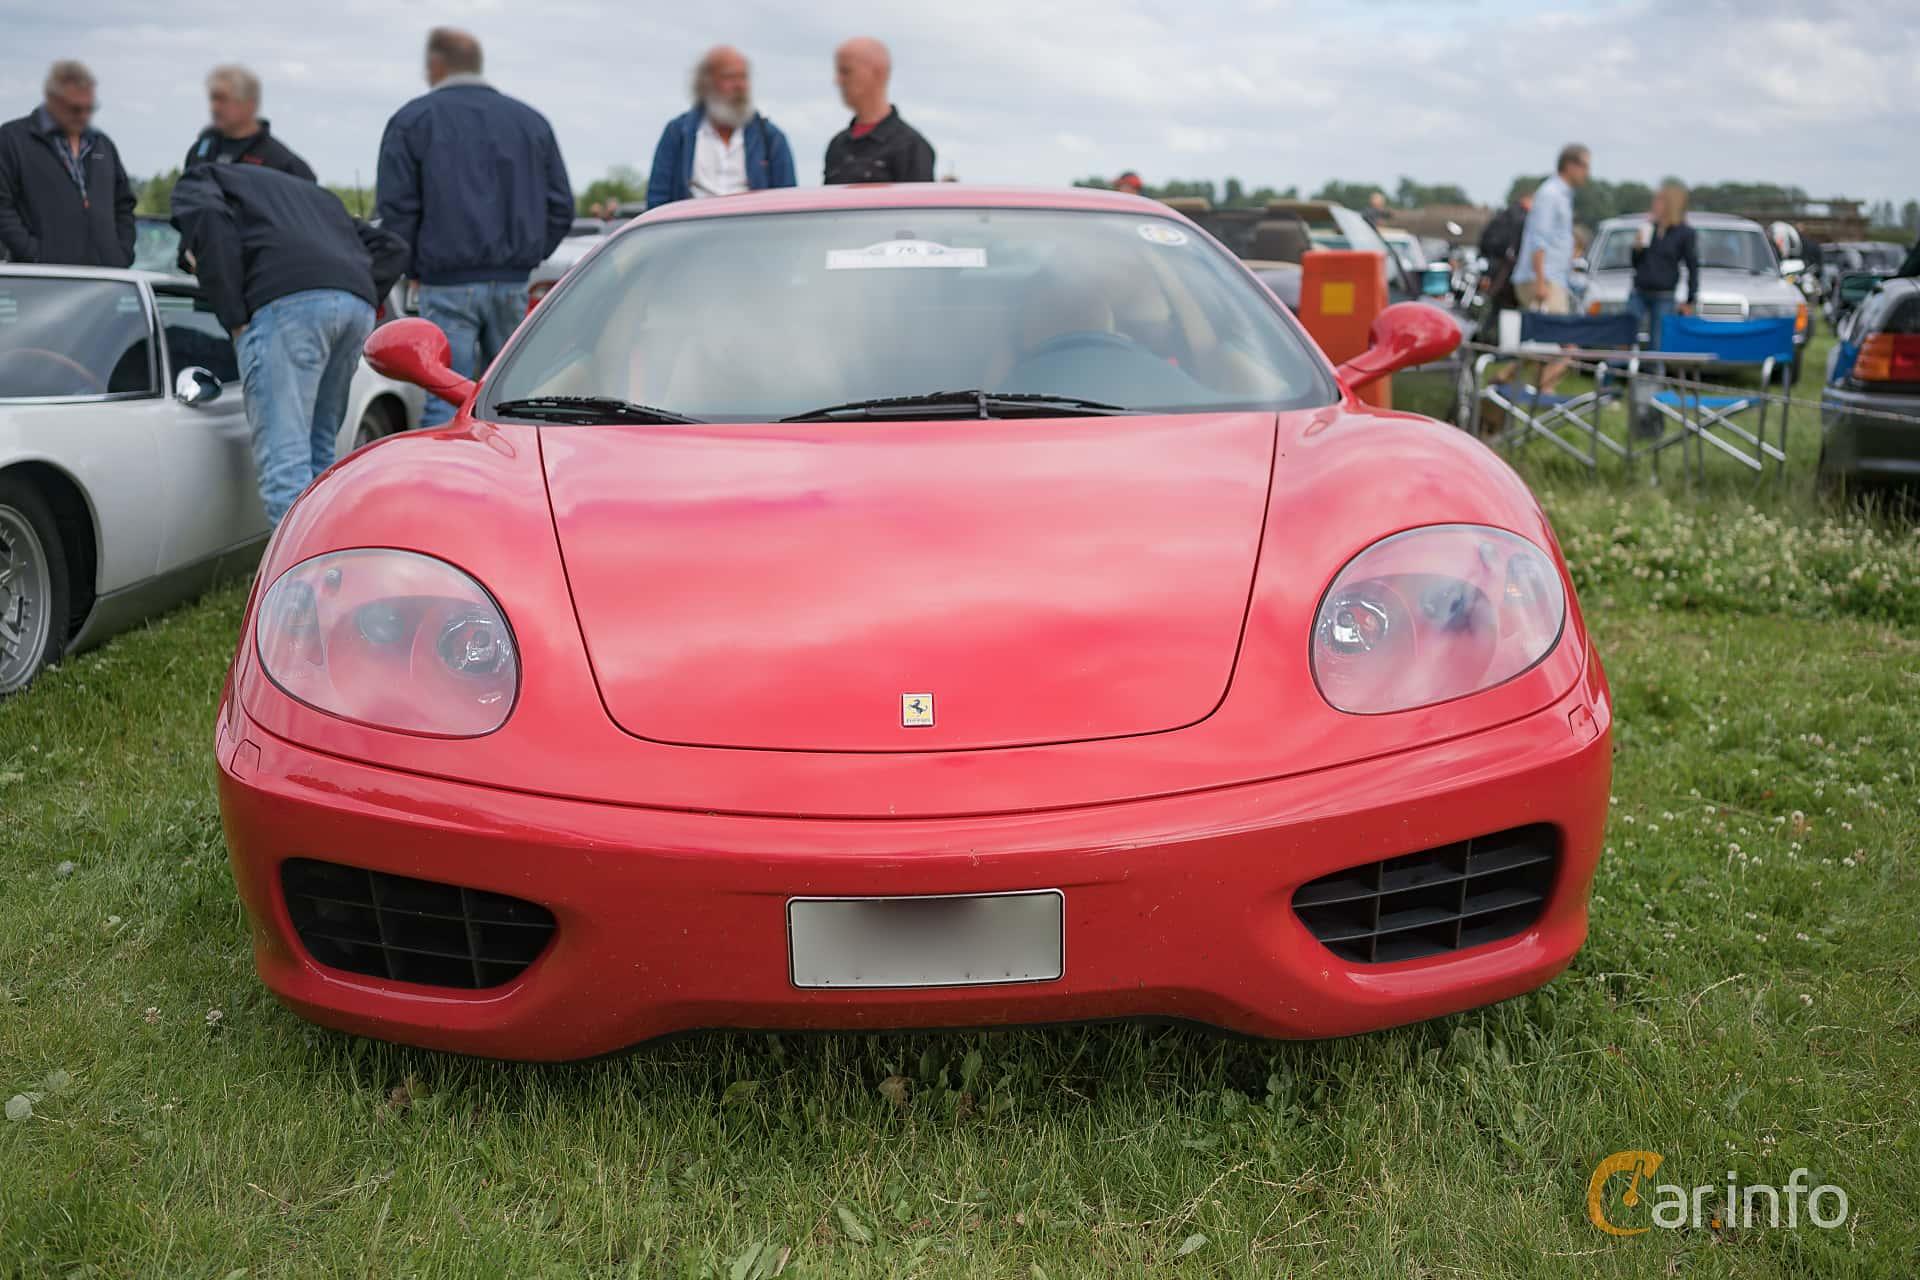 Ferrari 360 Modena 3.6 V8 Manual, 400hp, 2003 at Tisdagsträffarna Vikingatider v.25 / 2017